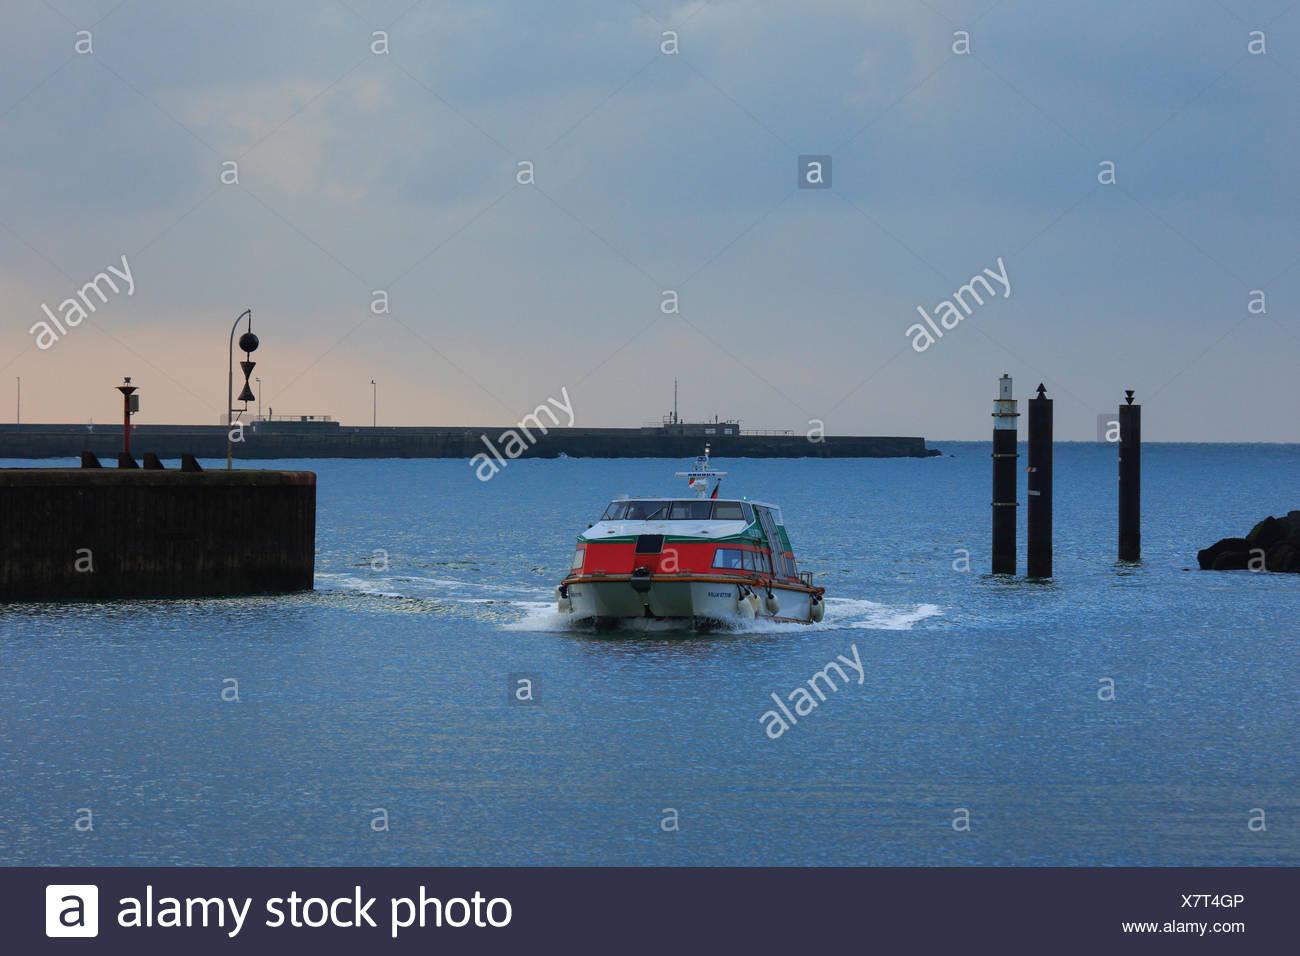 Setzt auf investiert, Bootssteg, Deutschland, Europa, Düne, Dünen Fähre, Fähren, Fähre, Fähren, Fähre, Hafen, Hafen, Hafen, H Stockbild